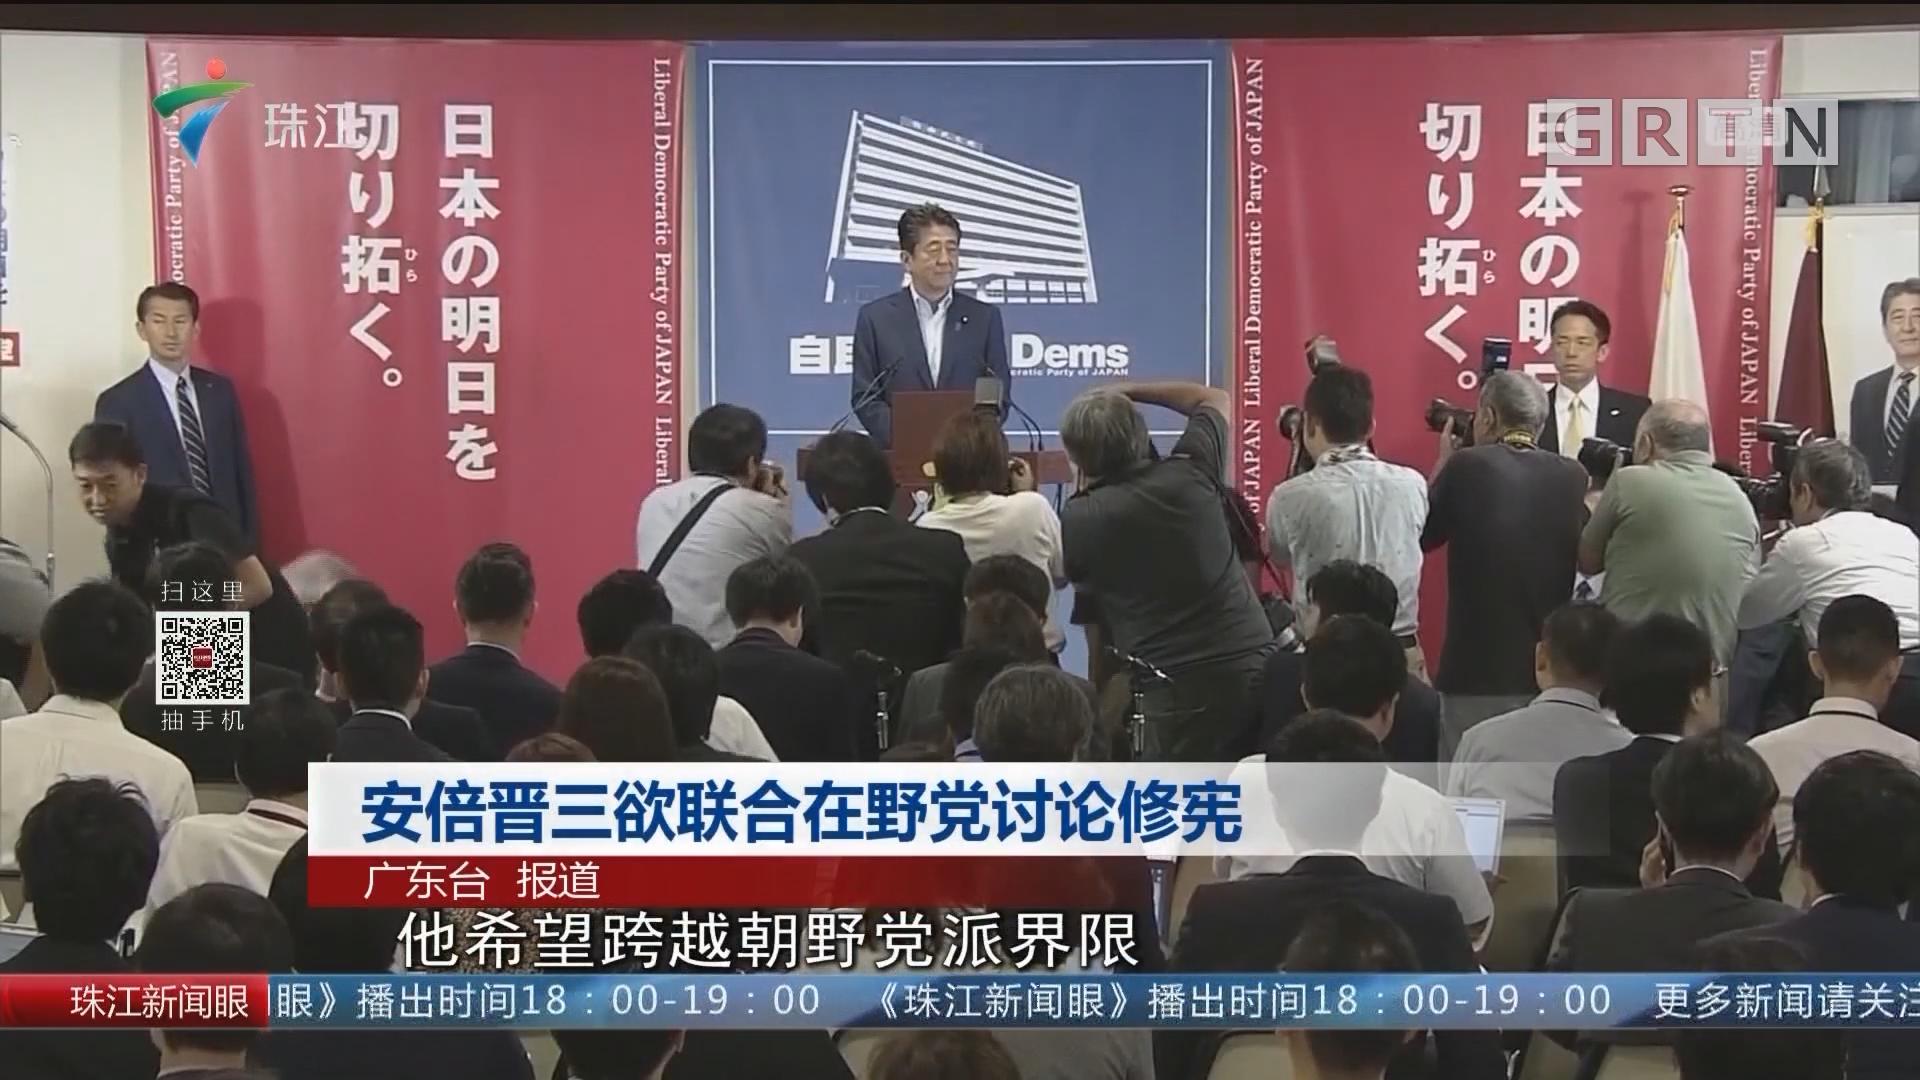 安倍晋三欲联合在野党讨论修宪